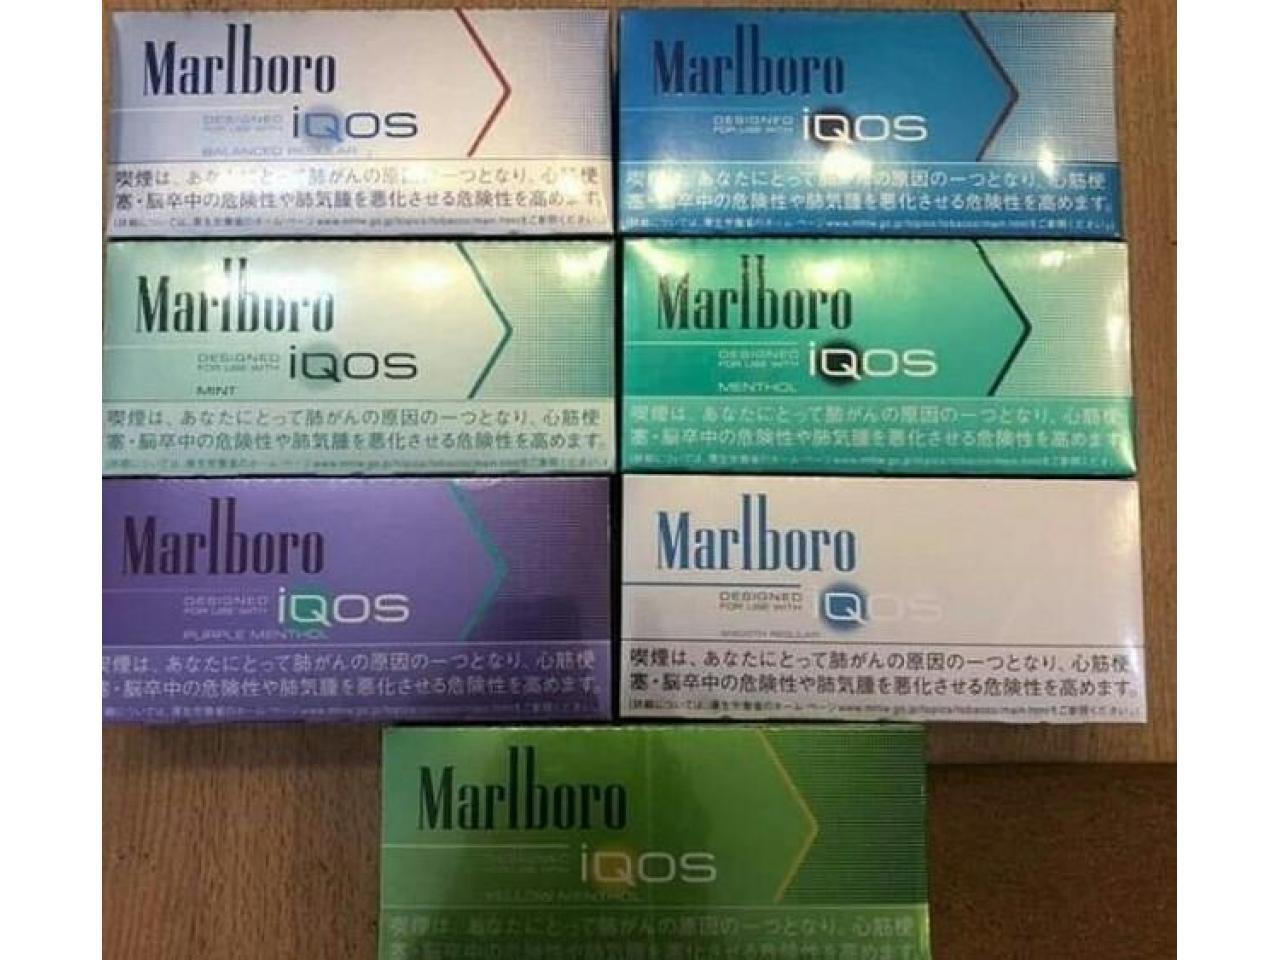 стики heets сигареты опт - 4